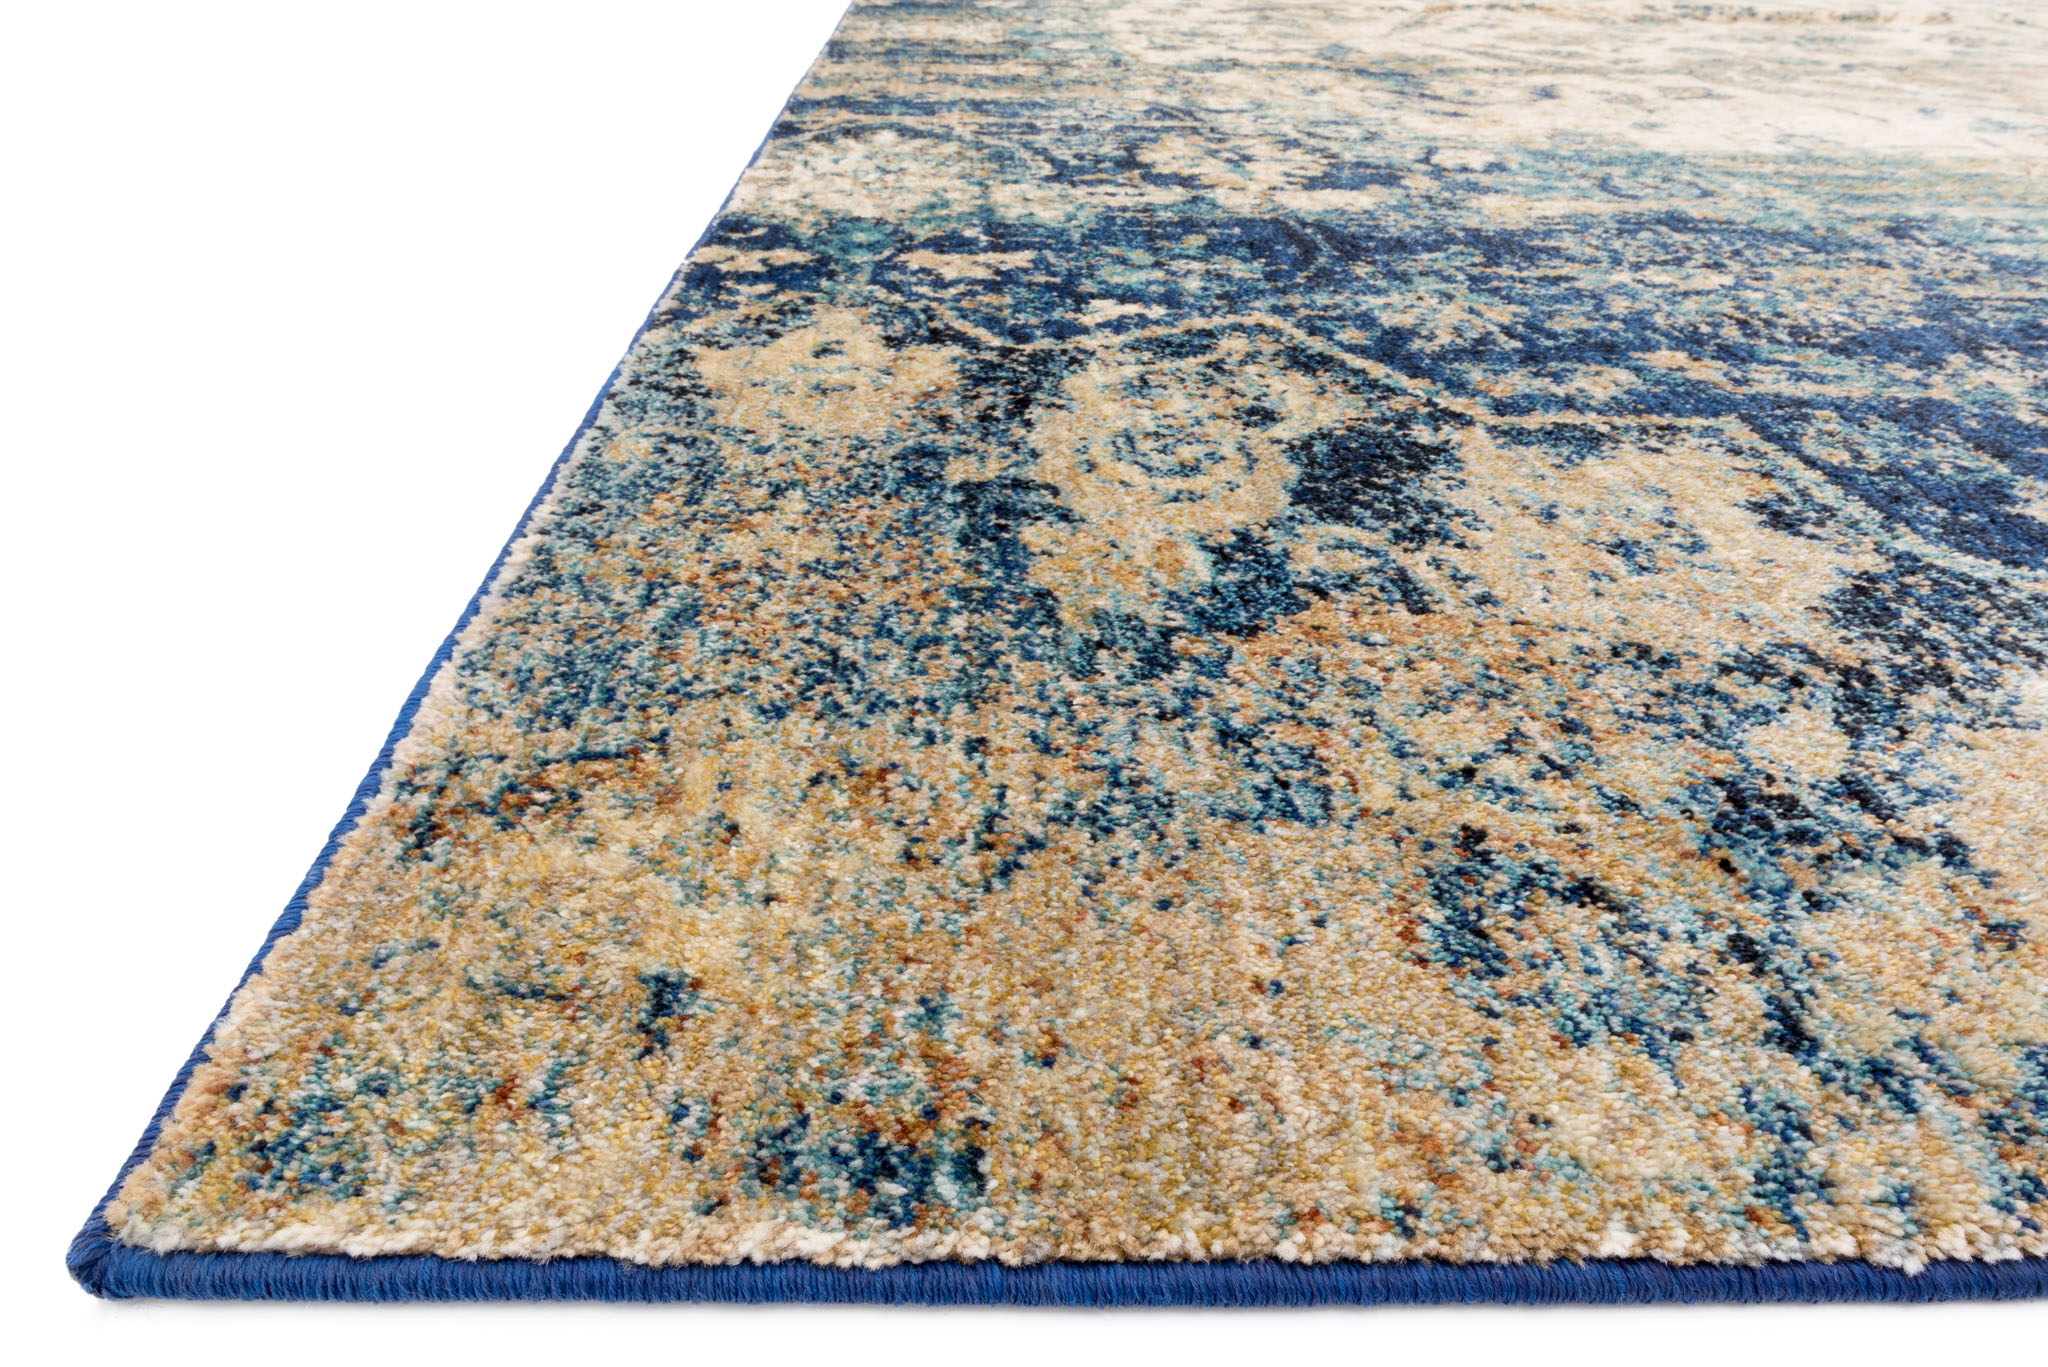 Loloi Anastasia Rug Blue Ivory Area Rug Payless Rugs